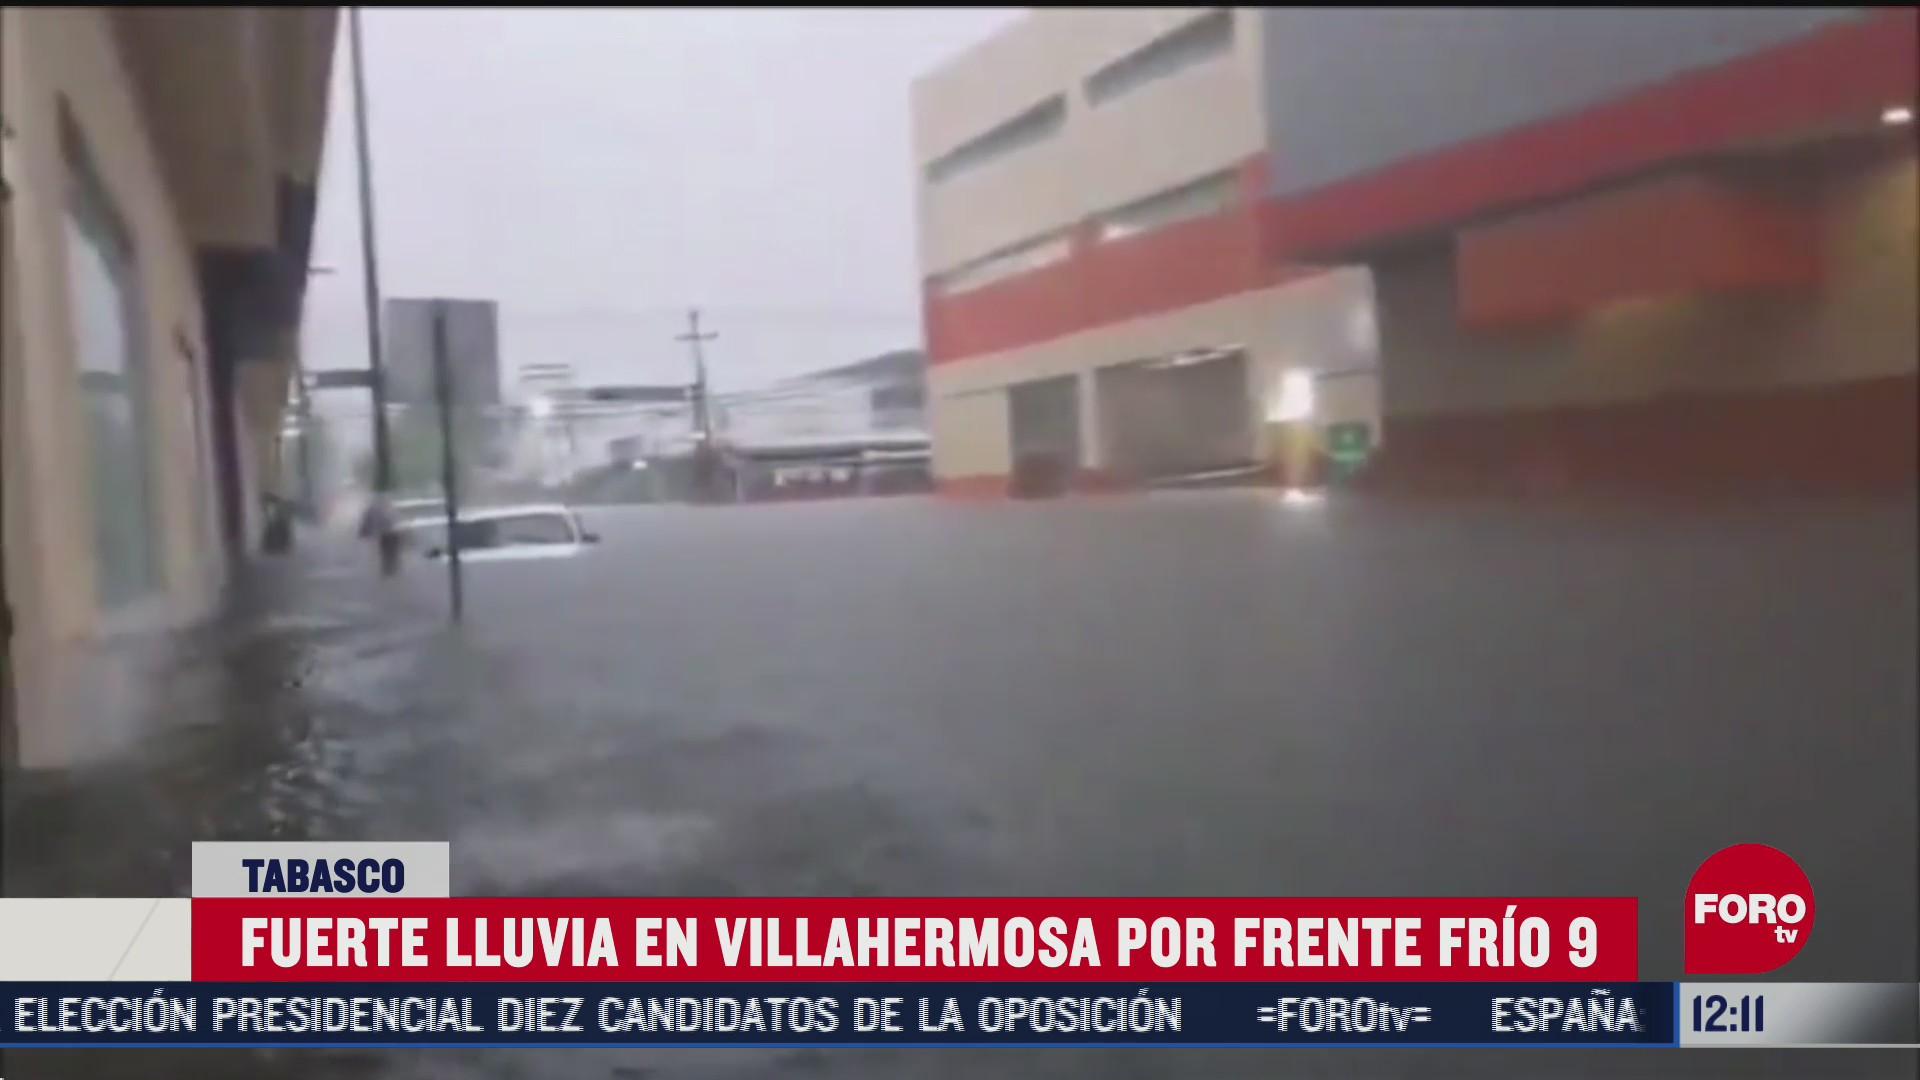 villahermosa tabaco sufre de inundaciones